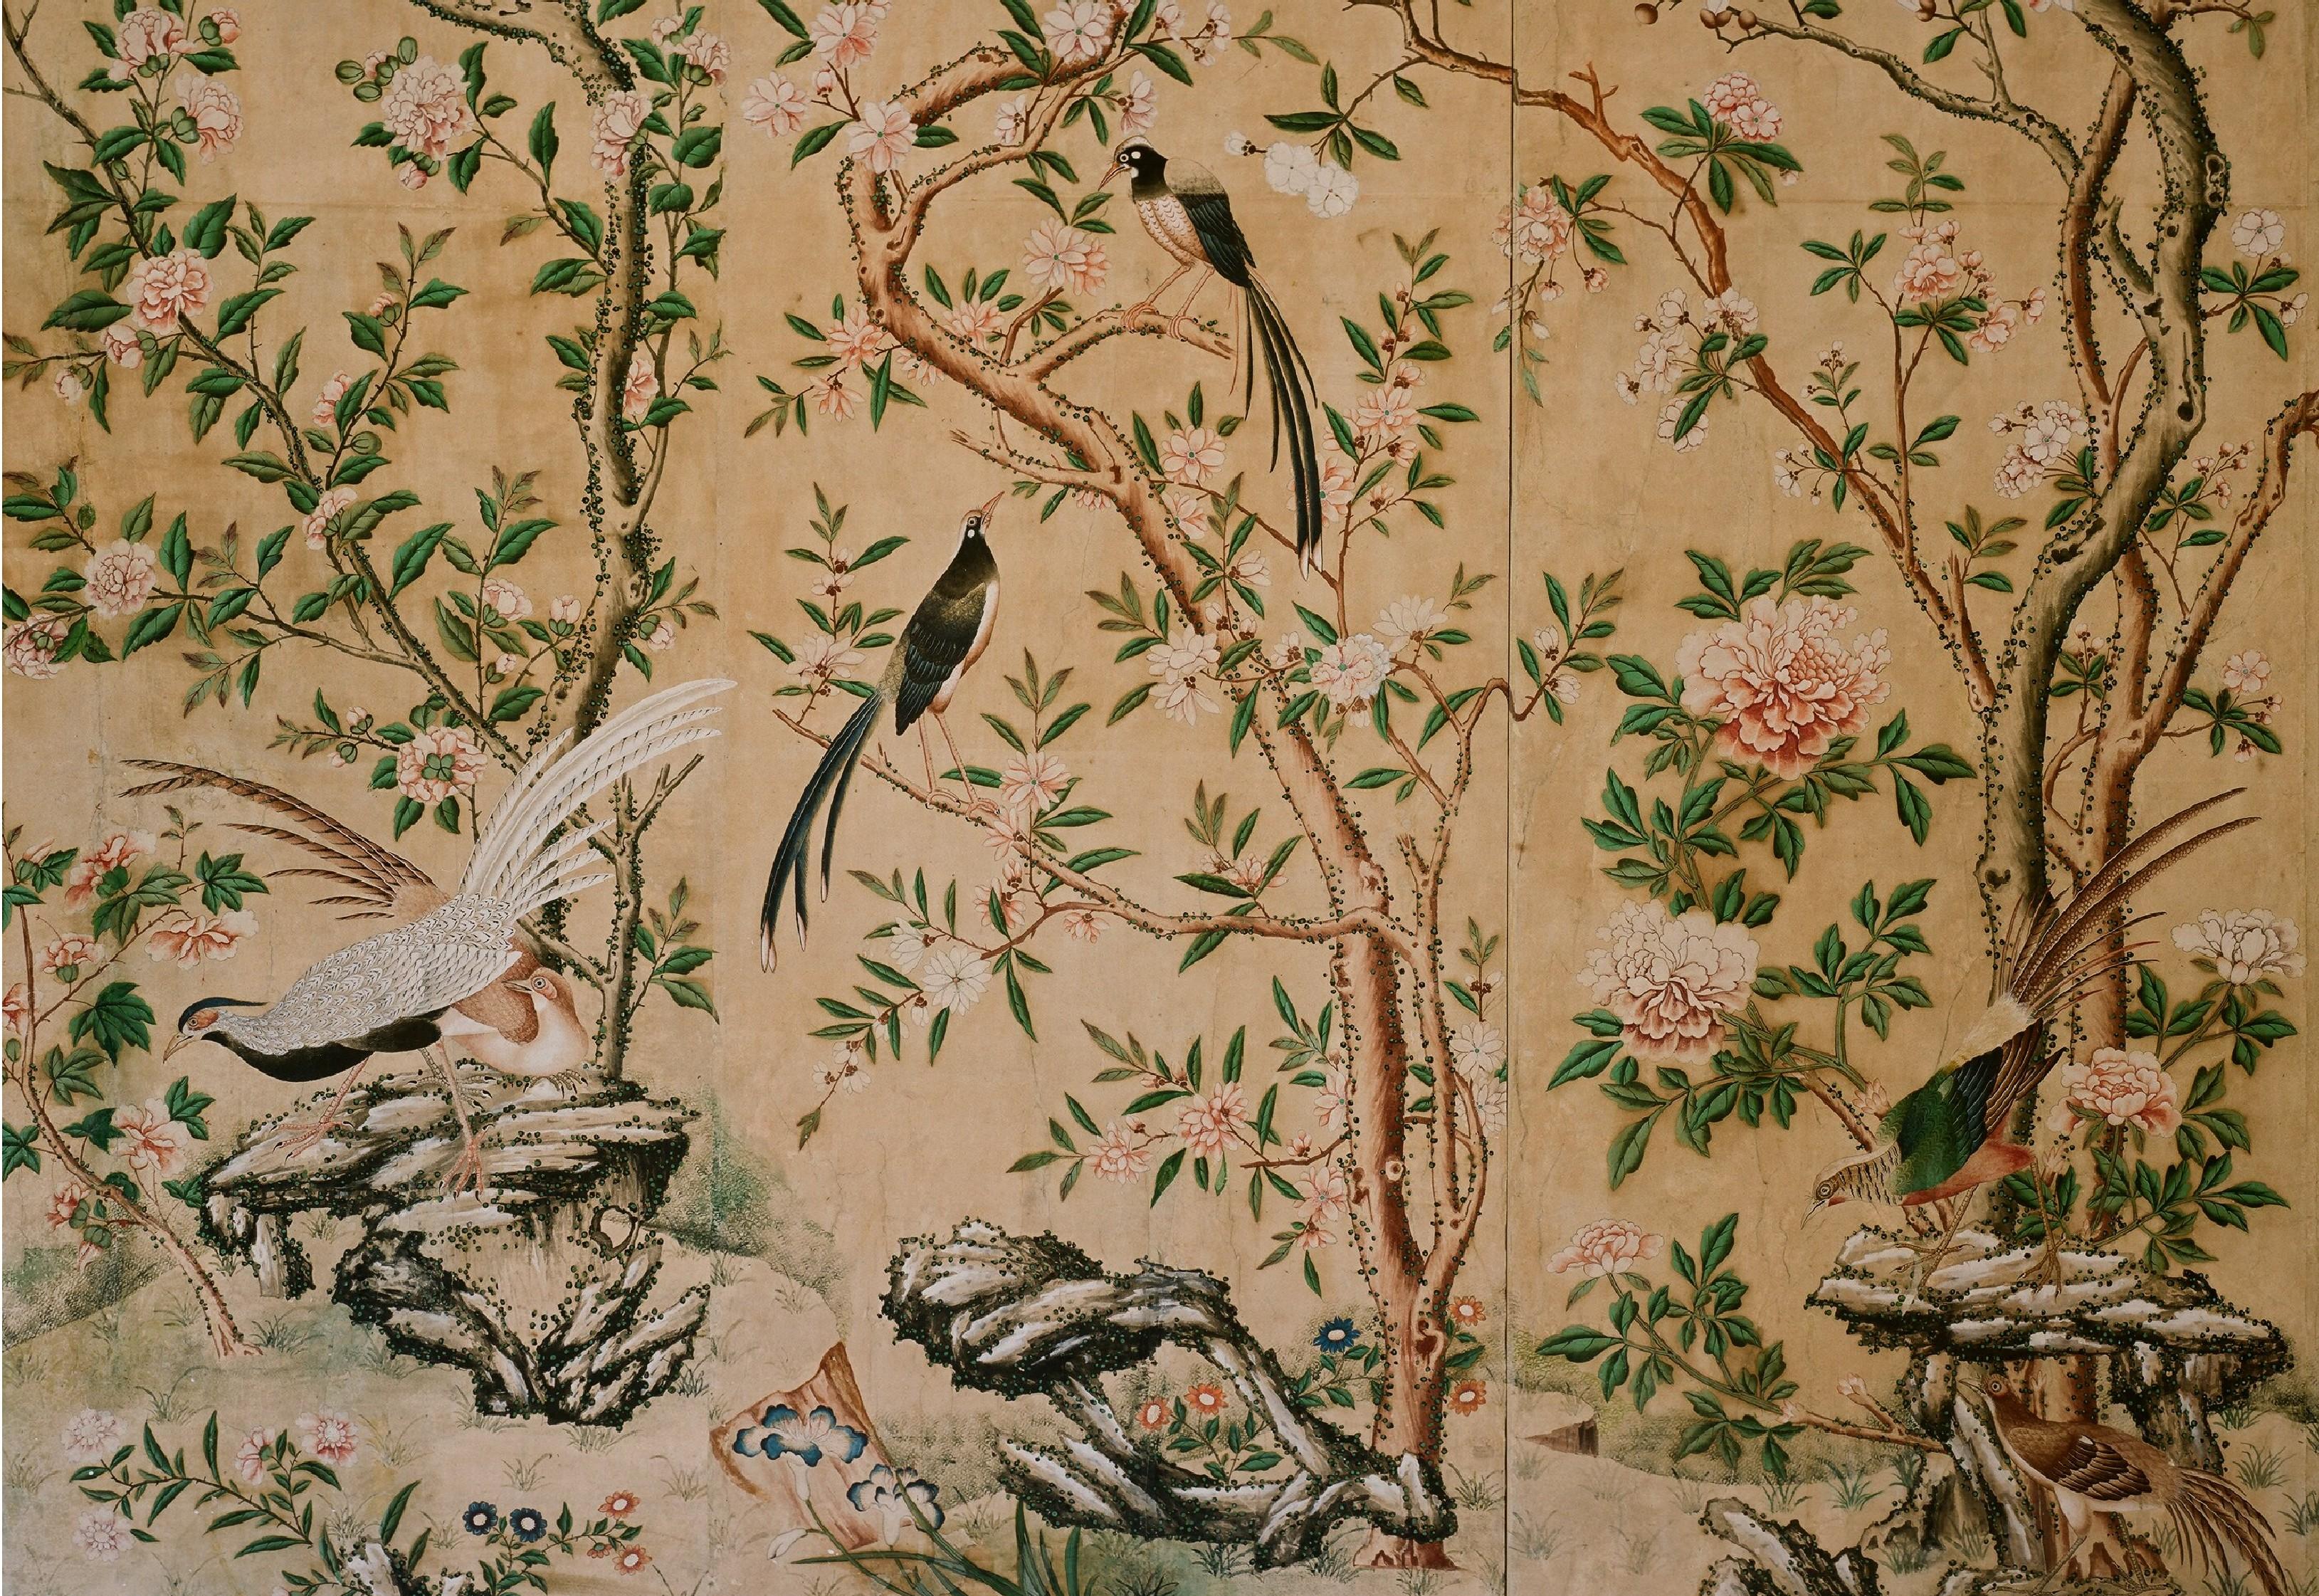 Chinese Wallpaper in Schloss Hellbrunn near Salzburg 3258x2242